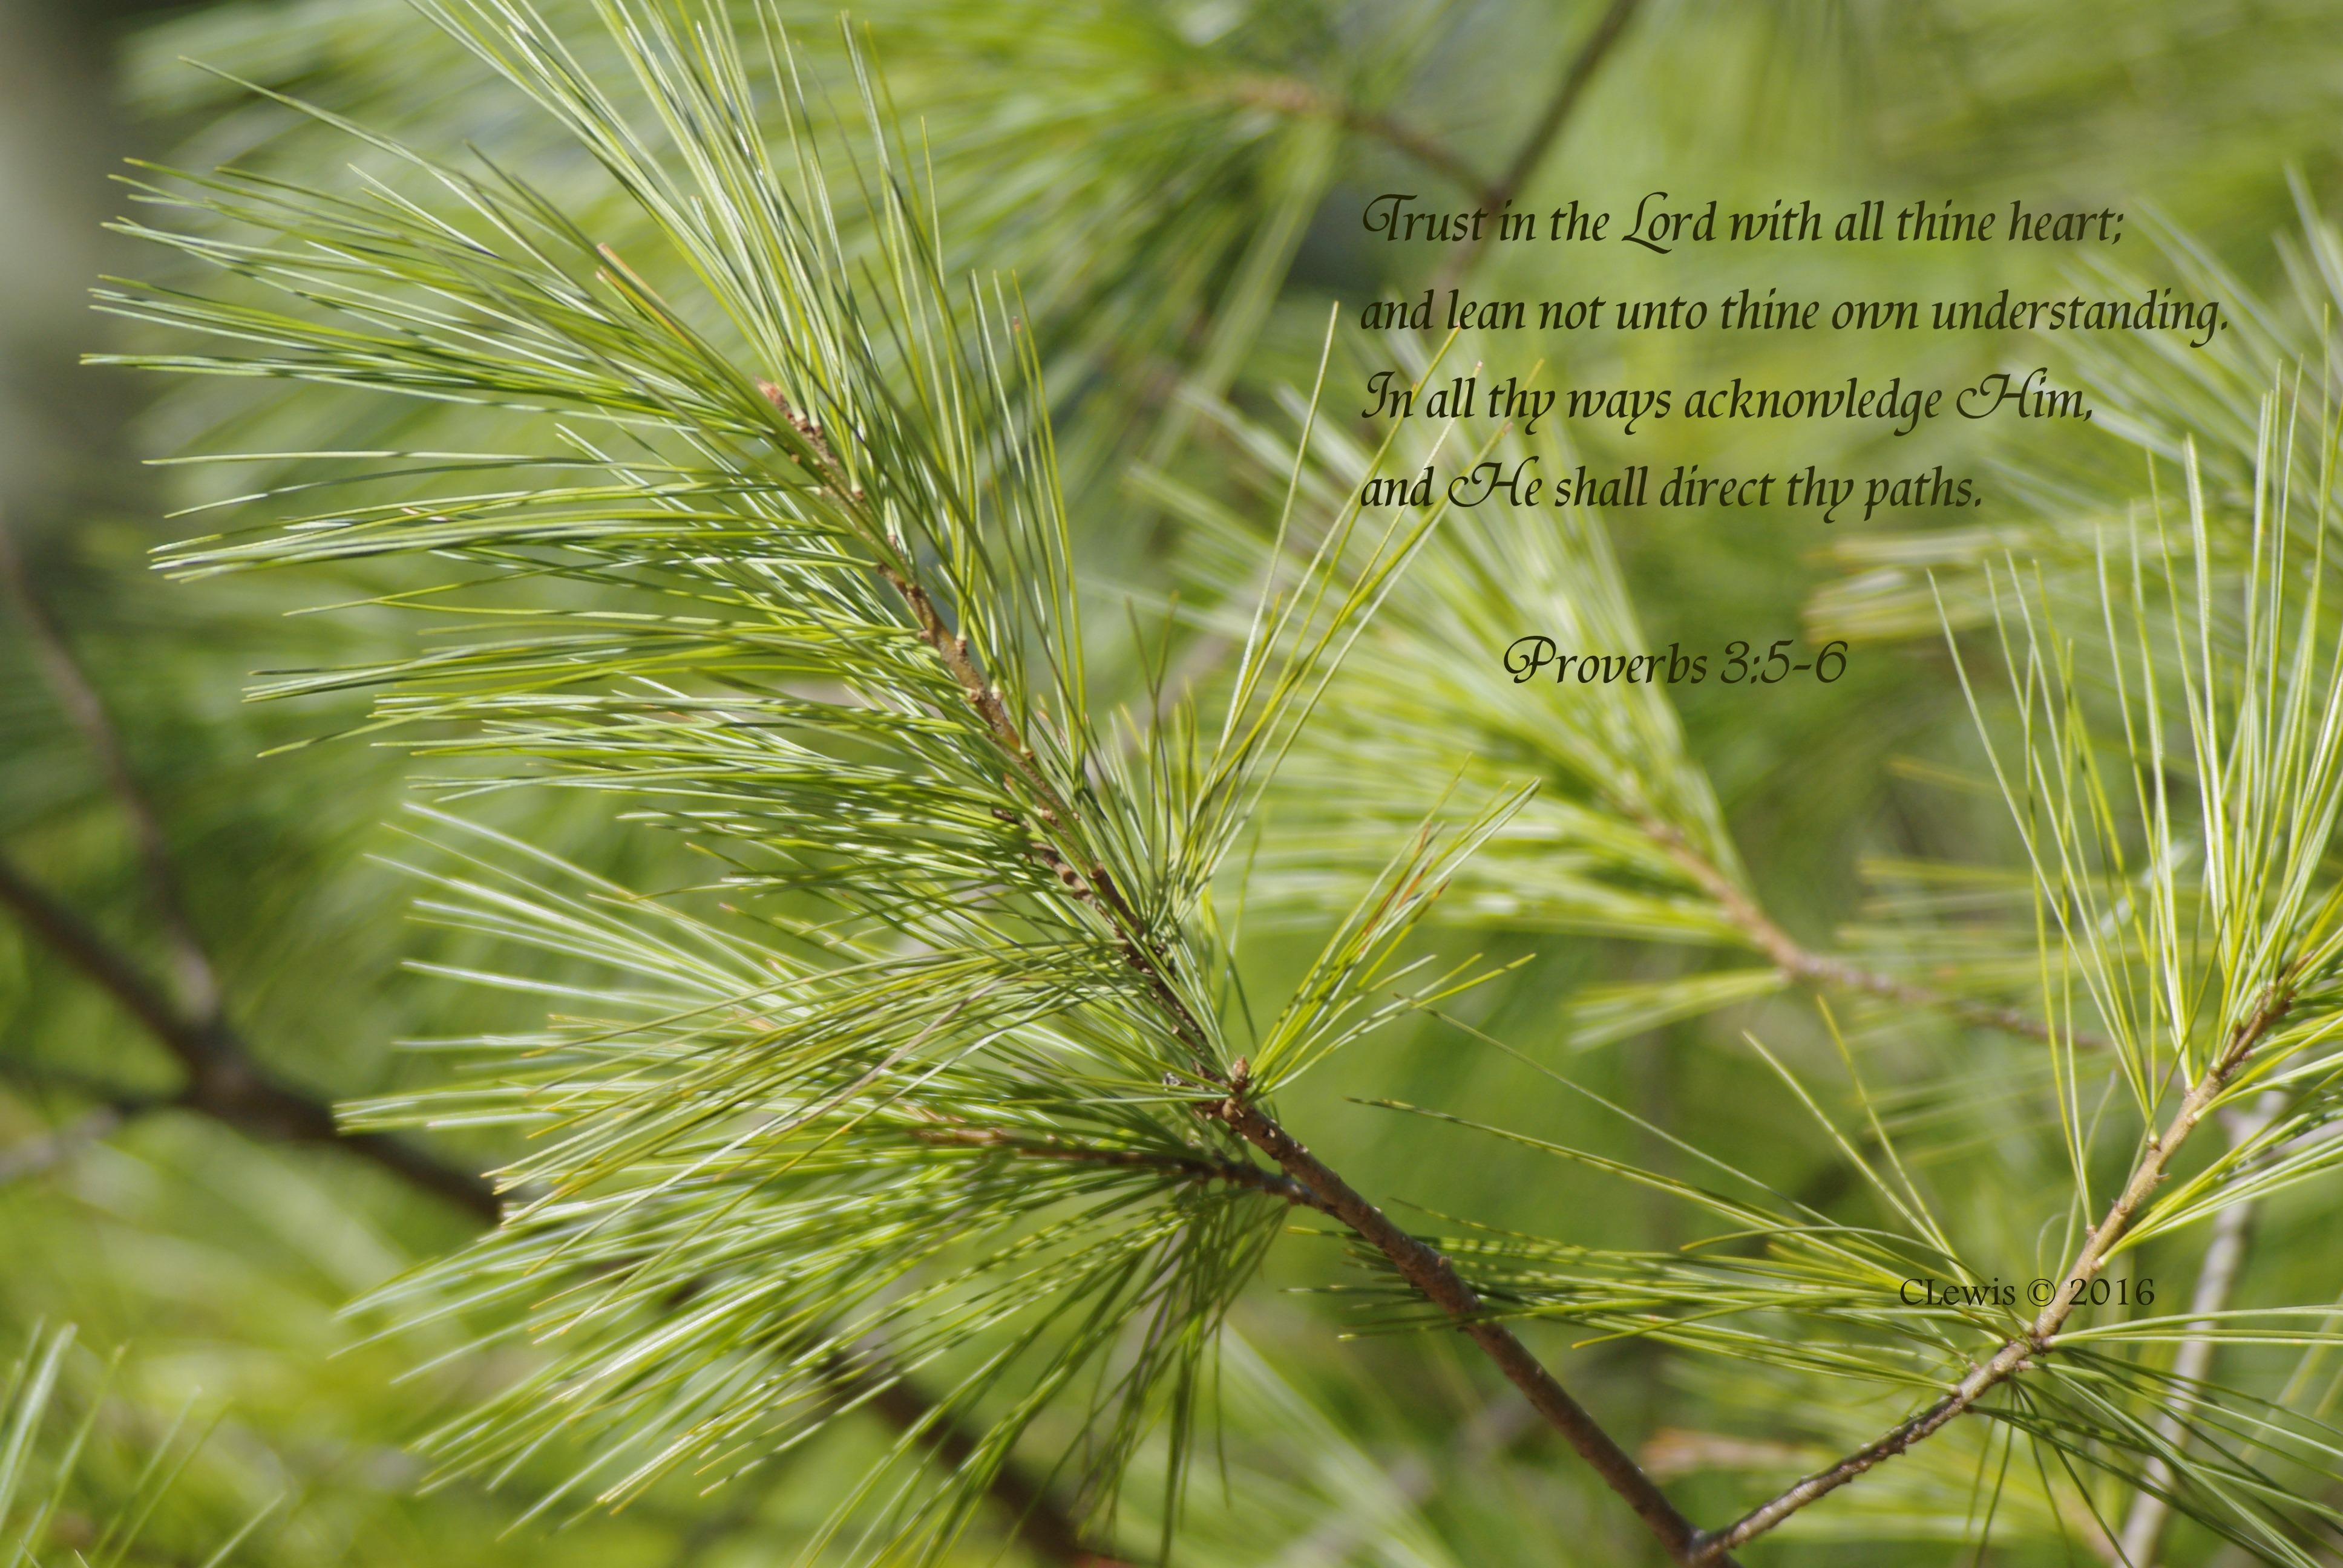 proverbs-3-5-6